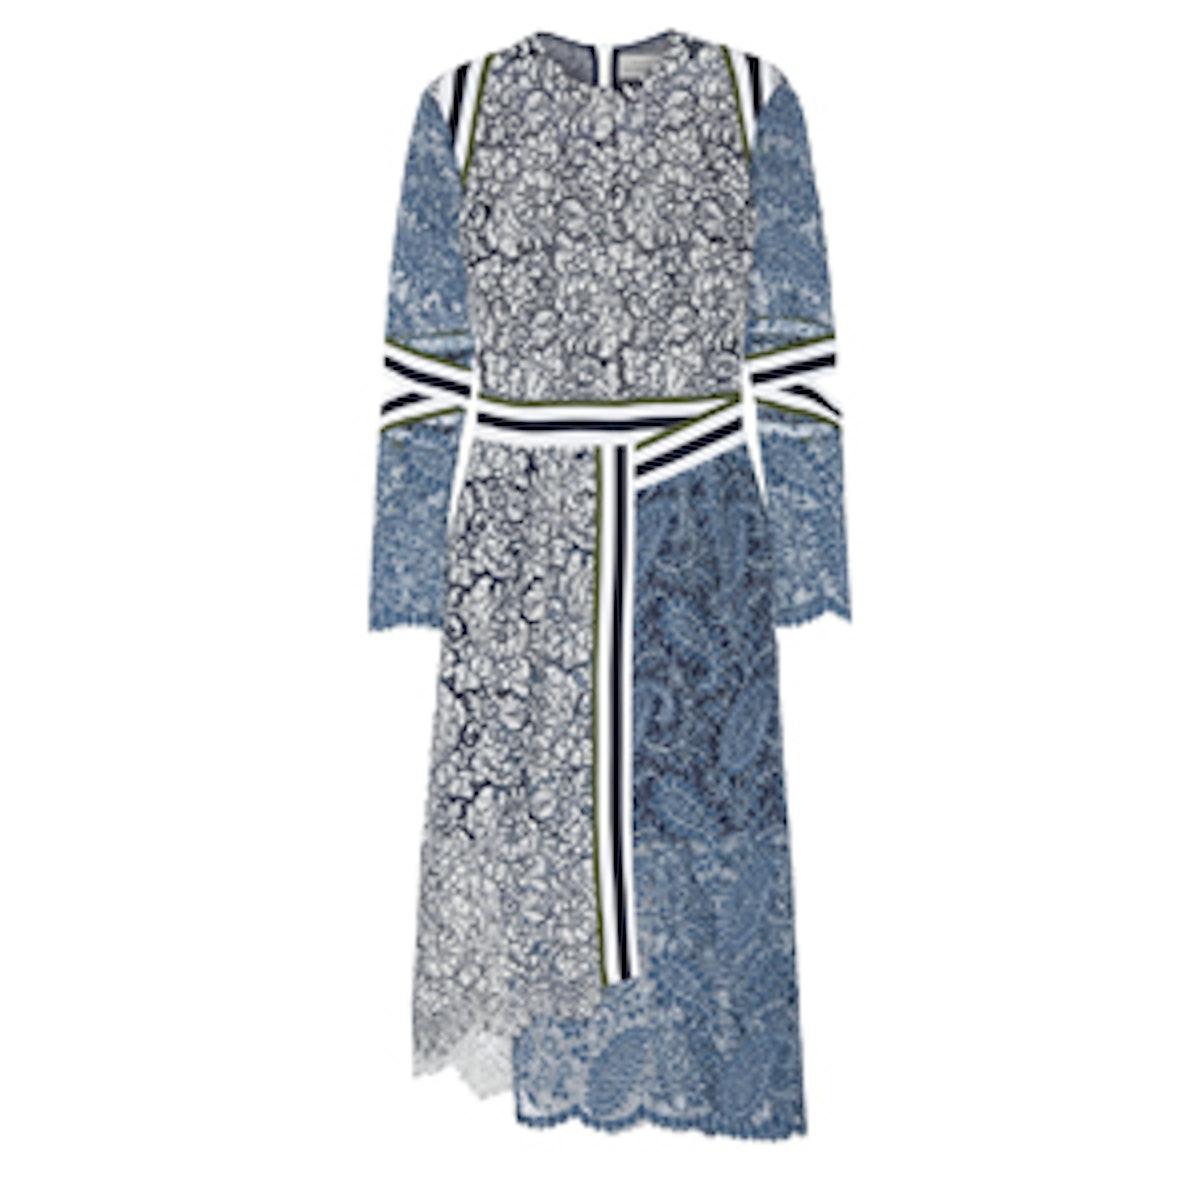 Palairet Wrap Lace Dress